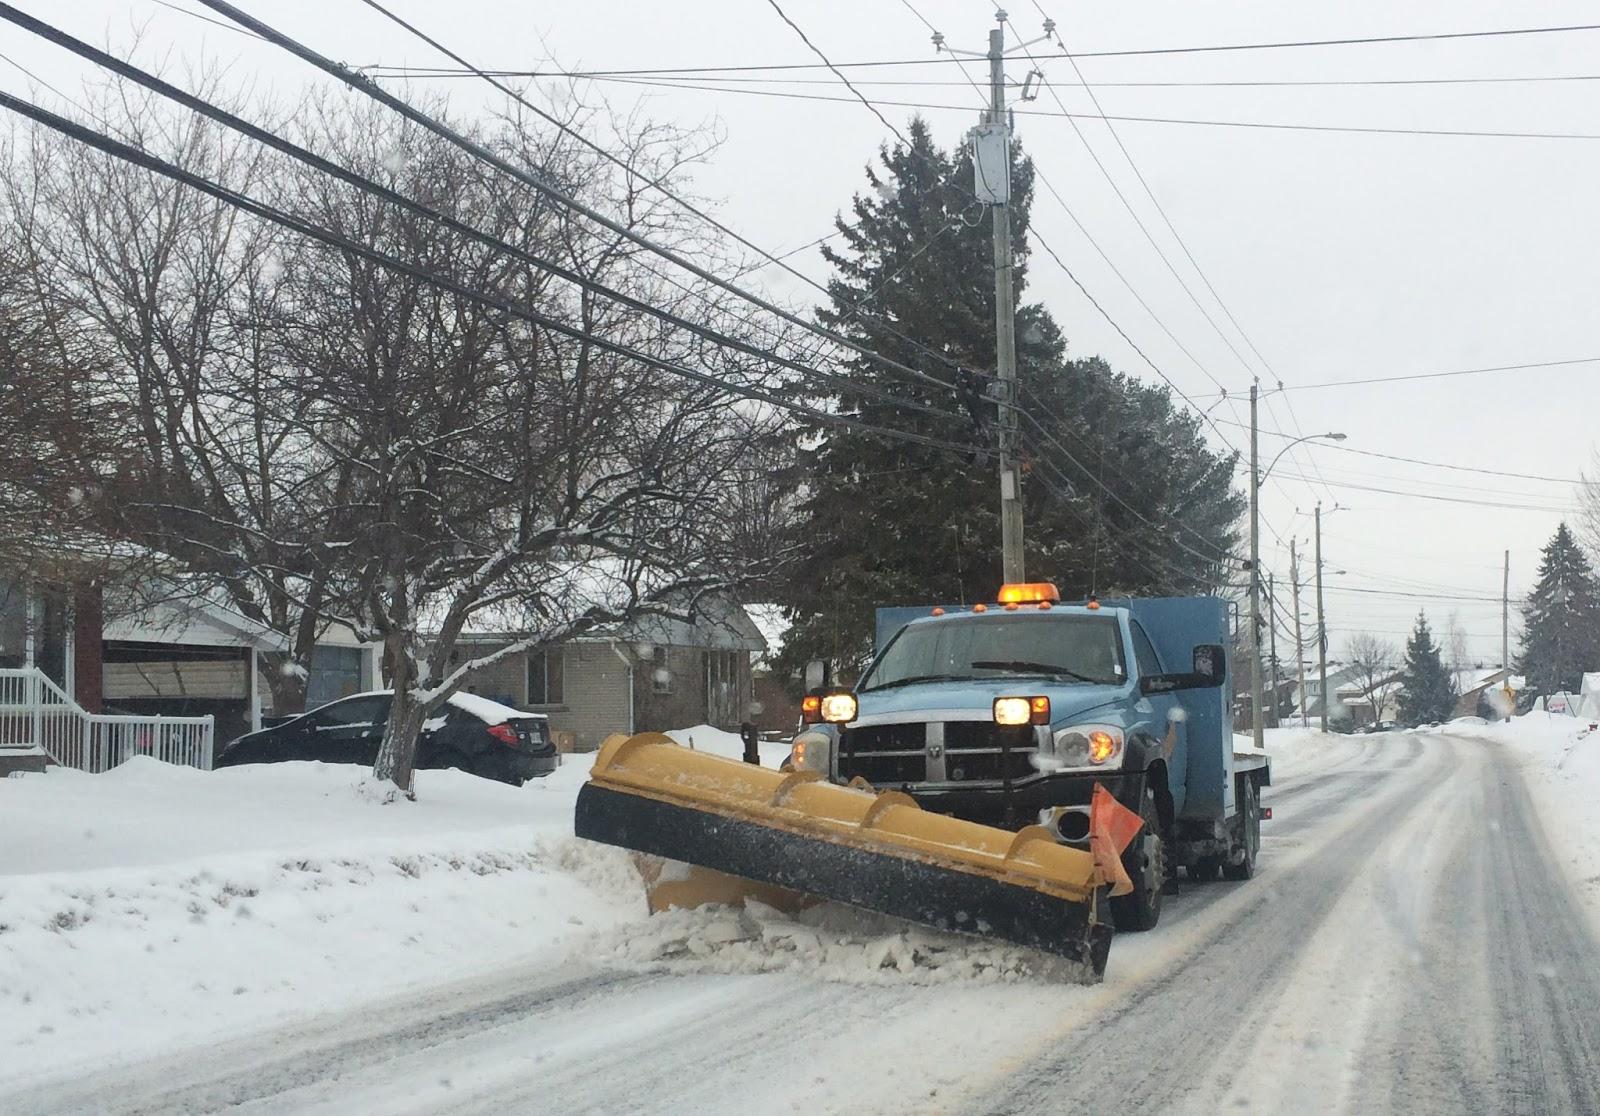 Road surface freeze warning indication